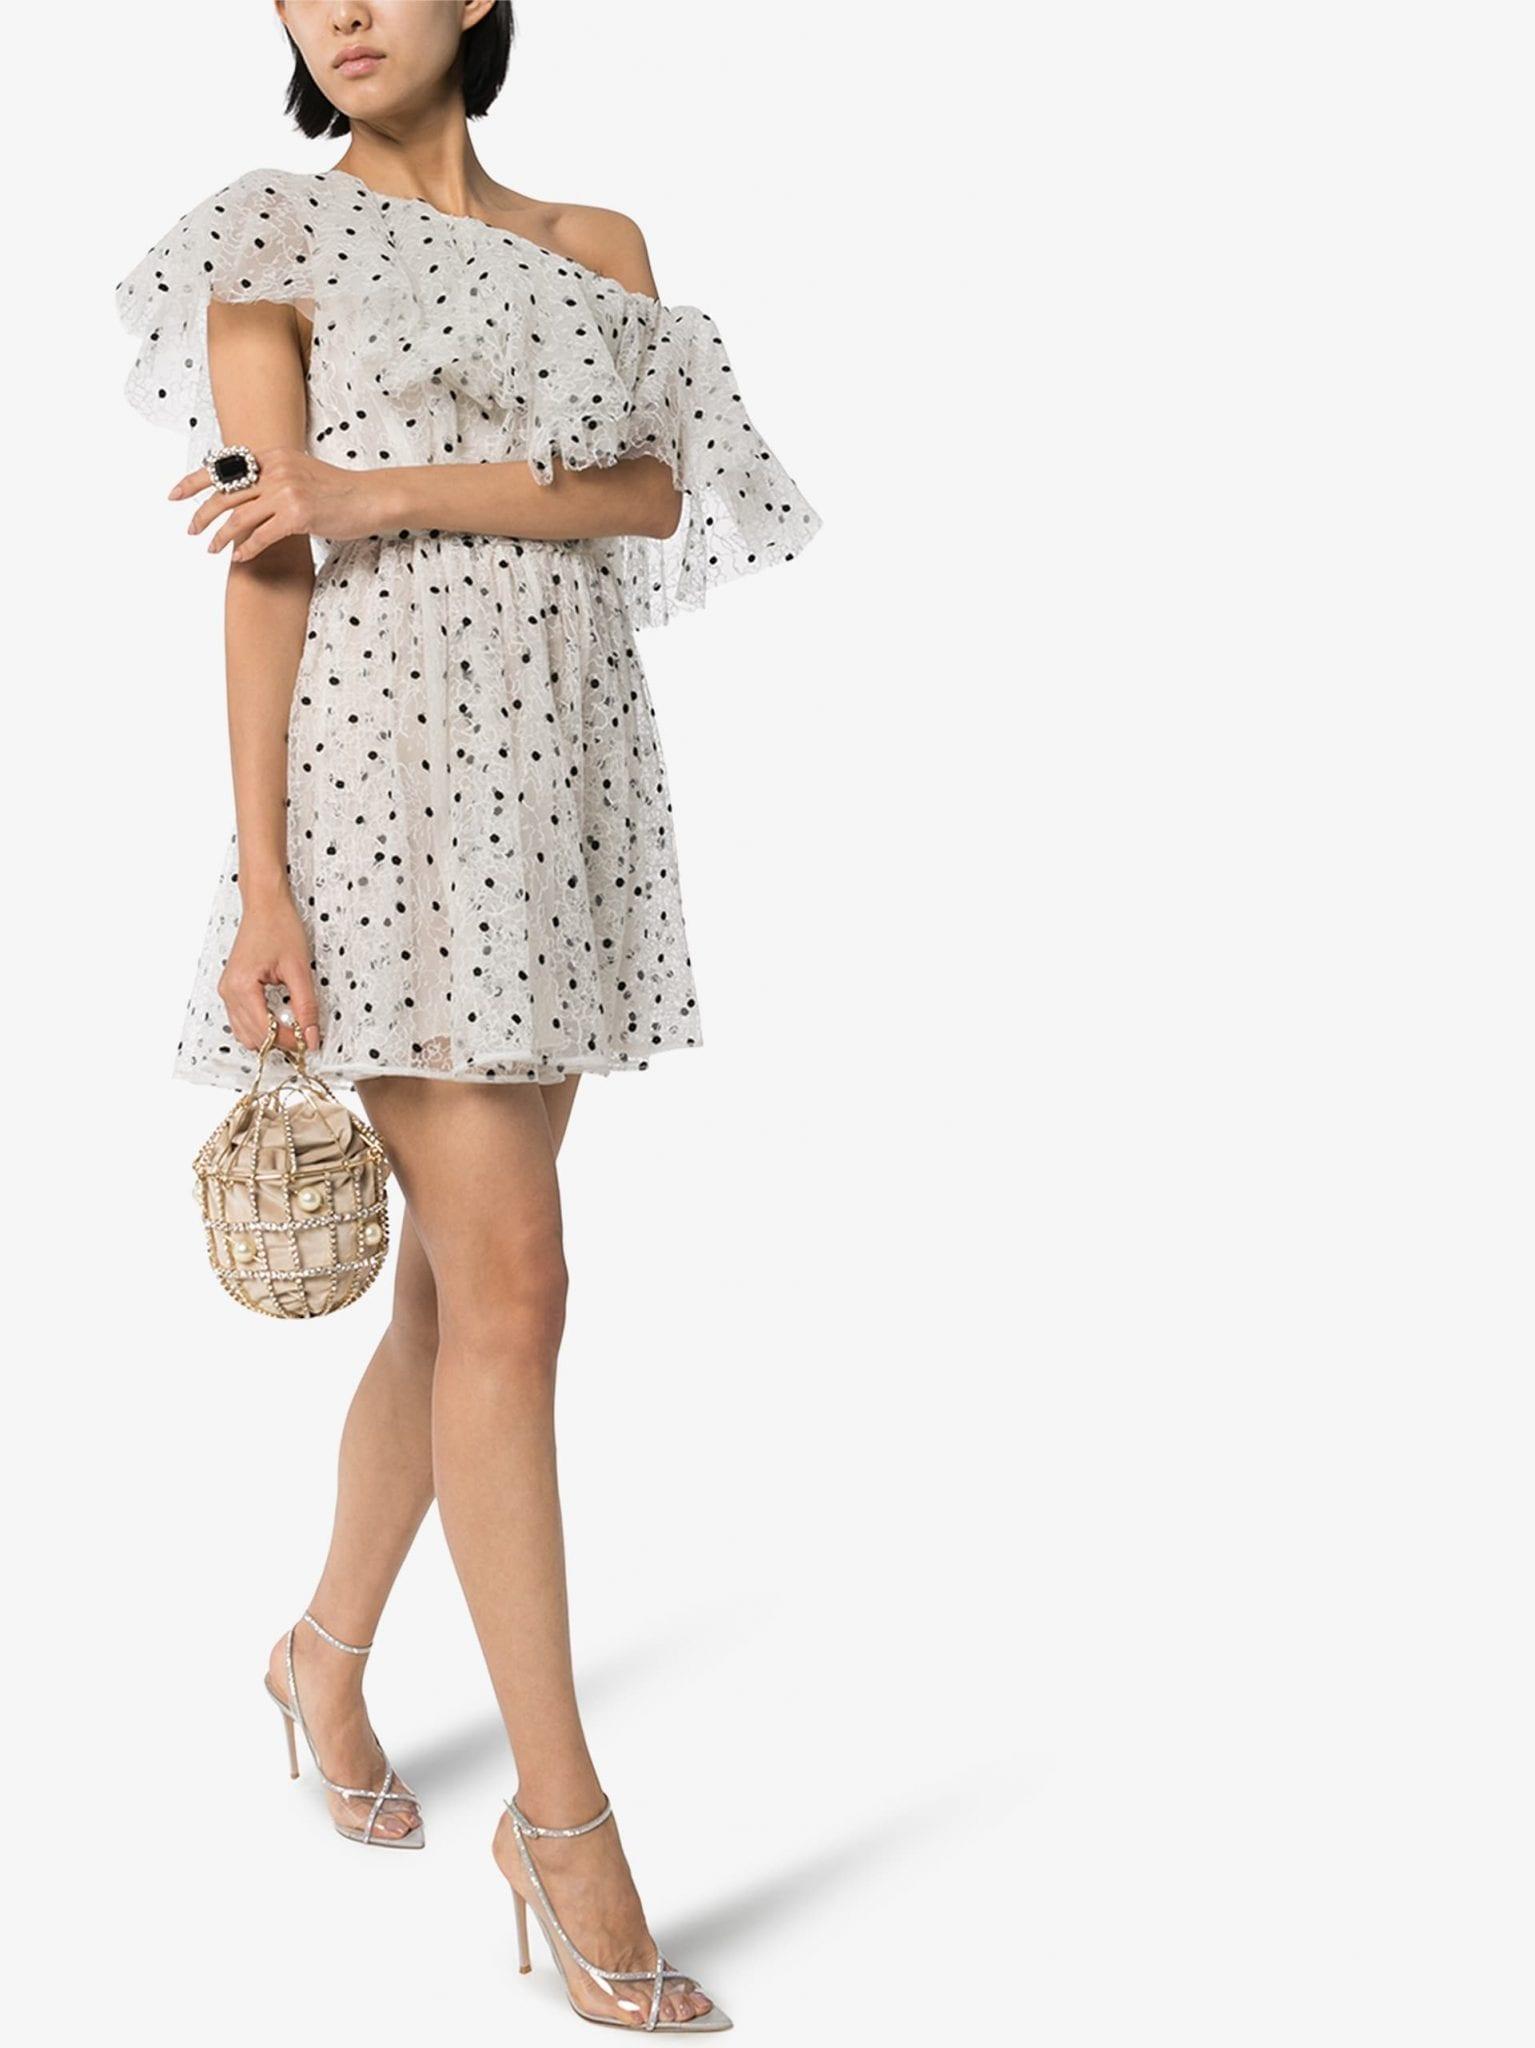 GIAMBATTISTA VALLI One Shoulder Polka Dot Mini Dress